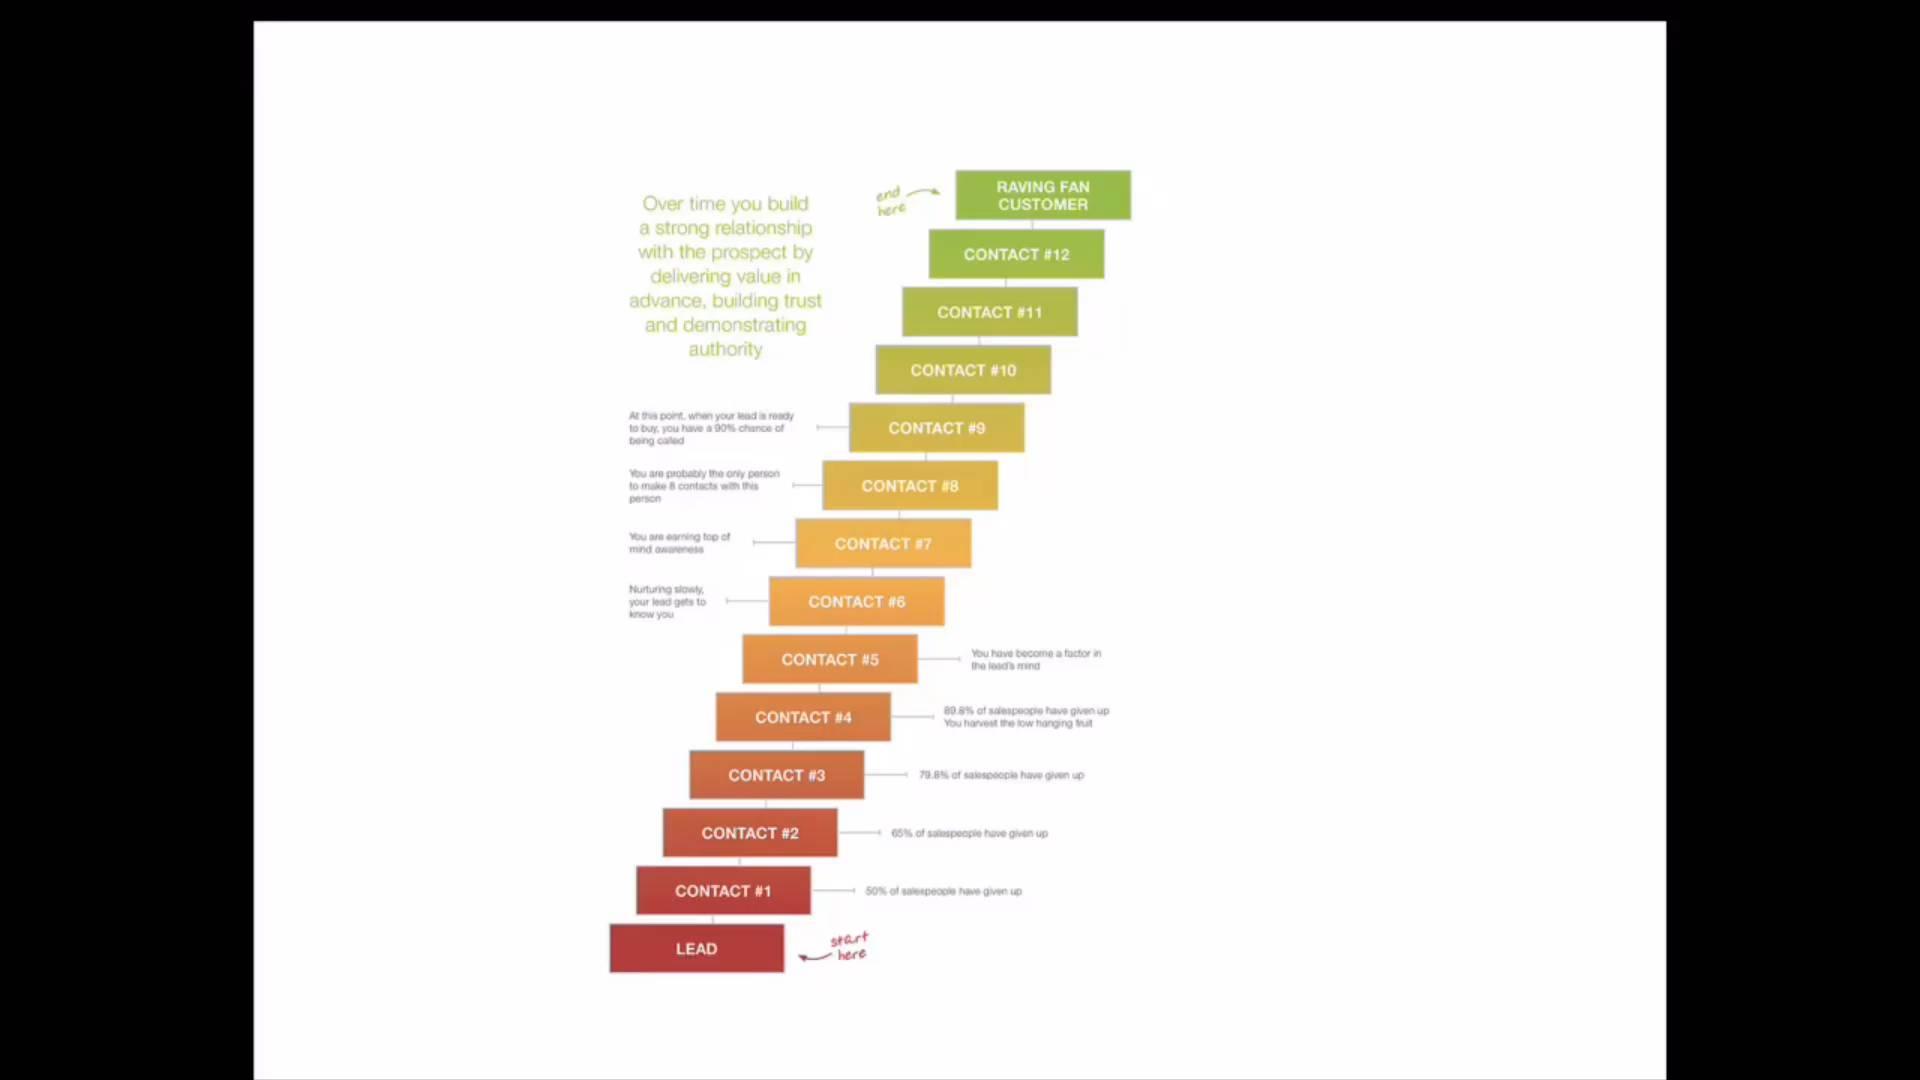 2. Nurturing Lead - EBM (Toe Tet)